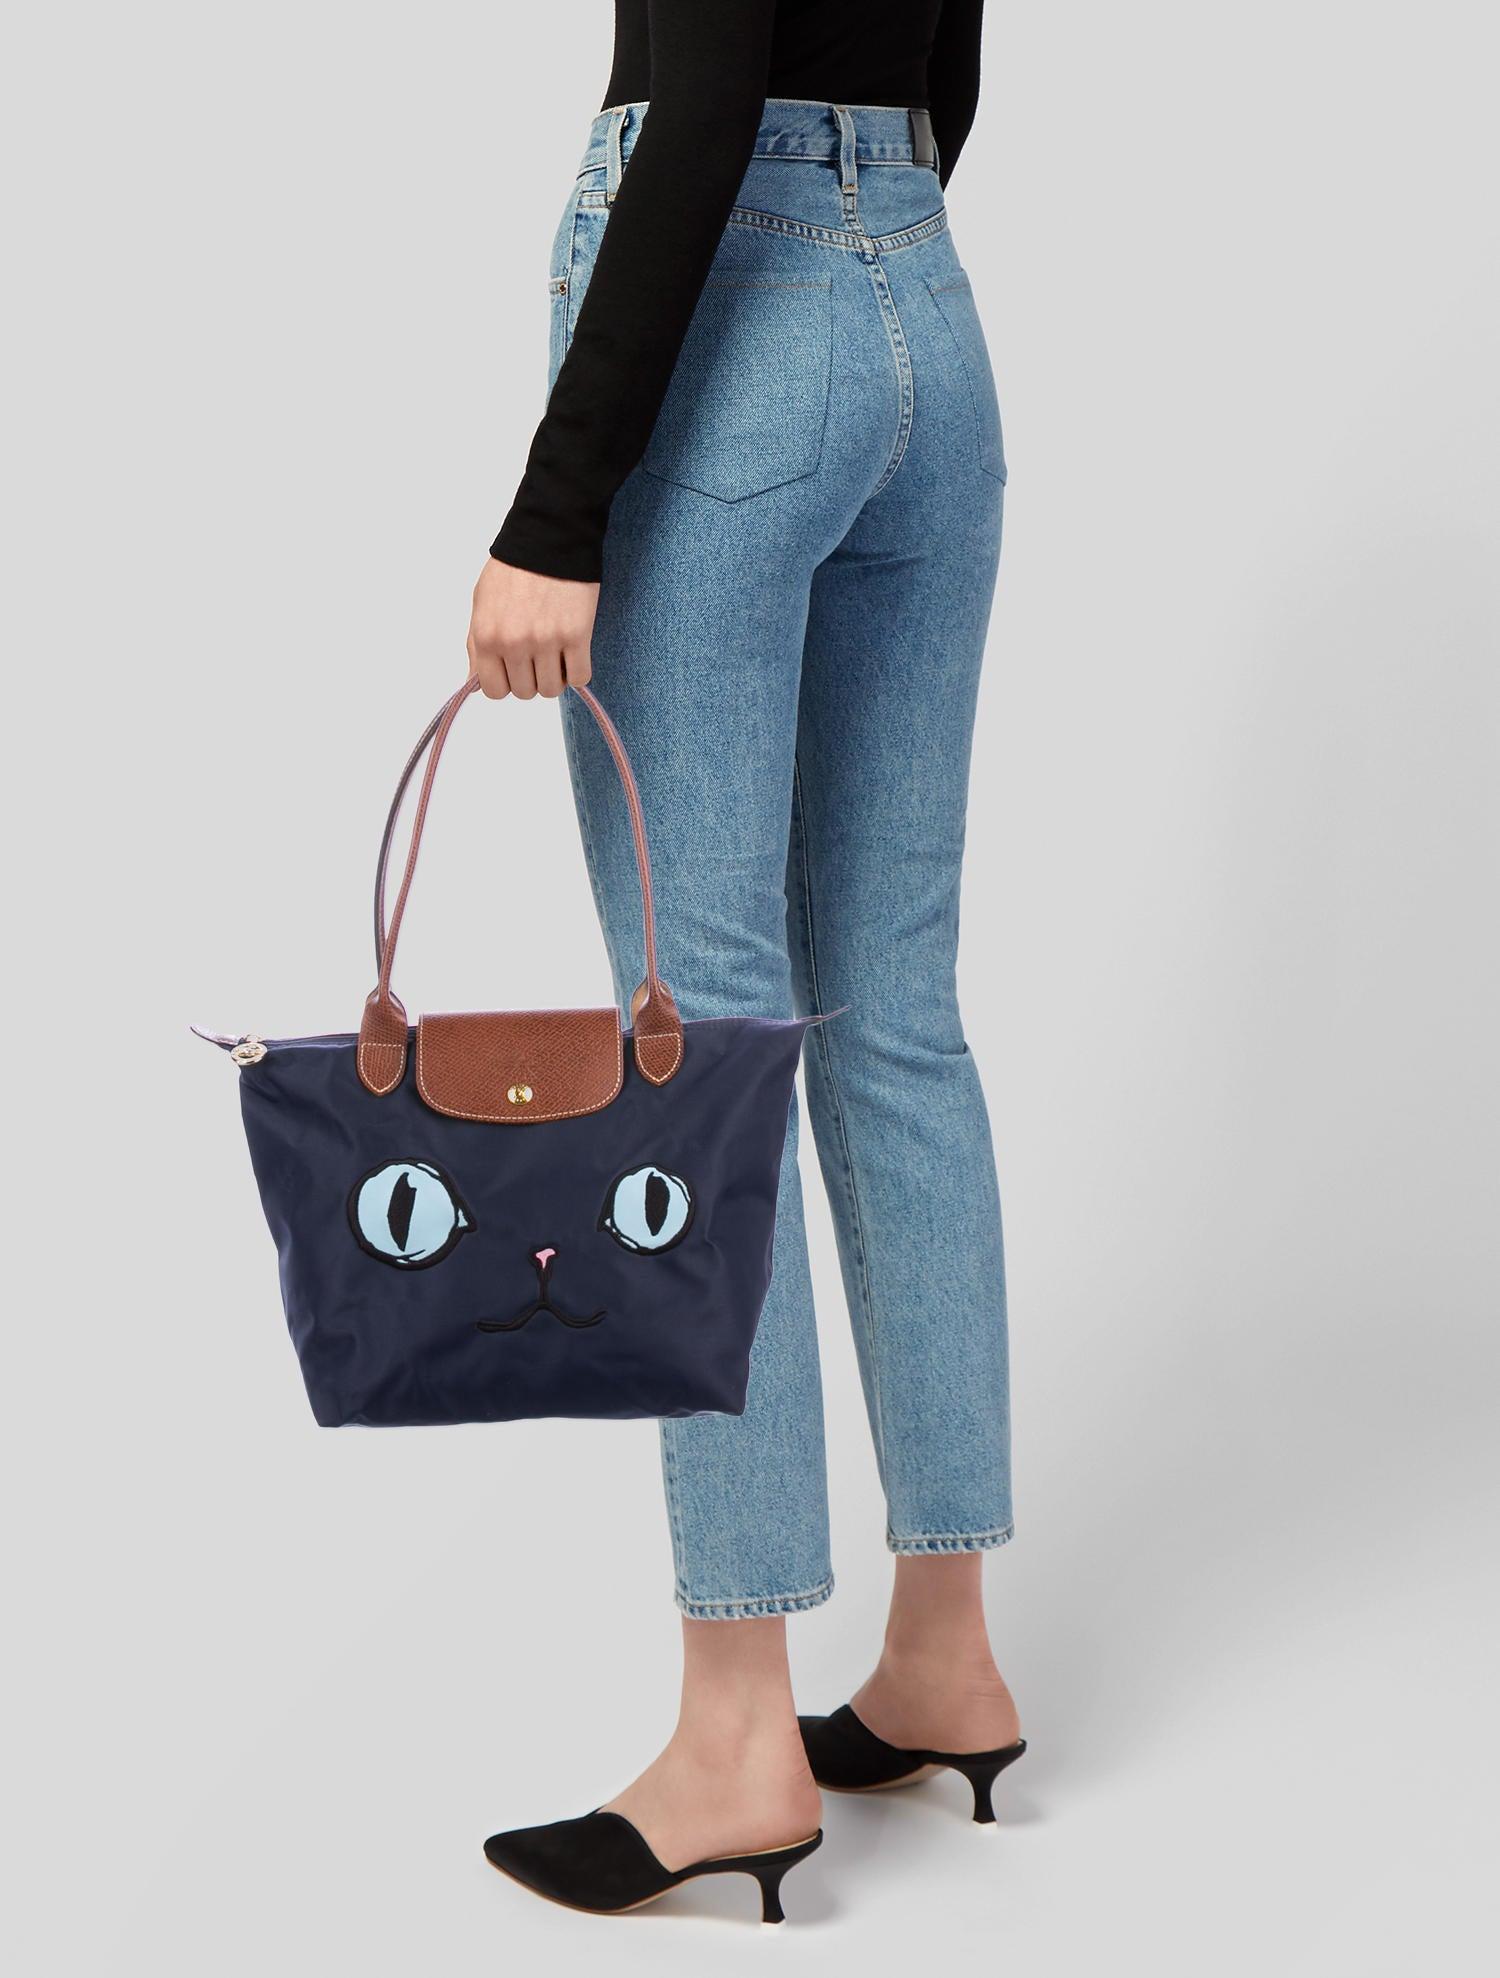 Longchamp Le Pliage Miaou Cat Small Tote - Handbags - WL824247 ...